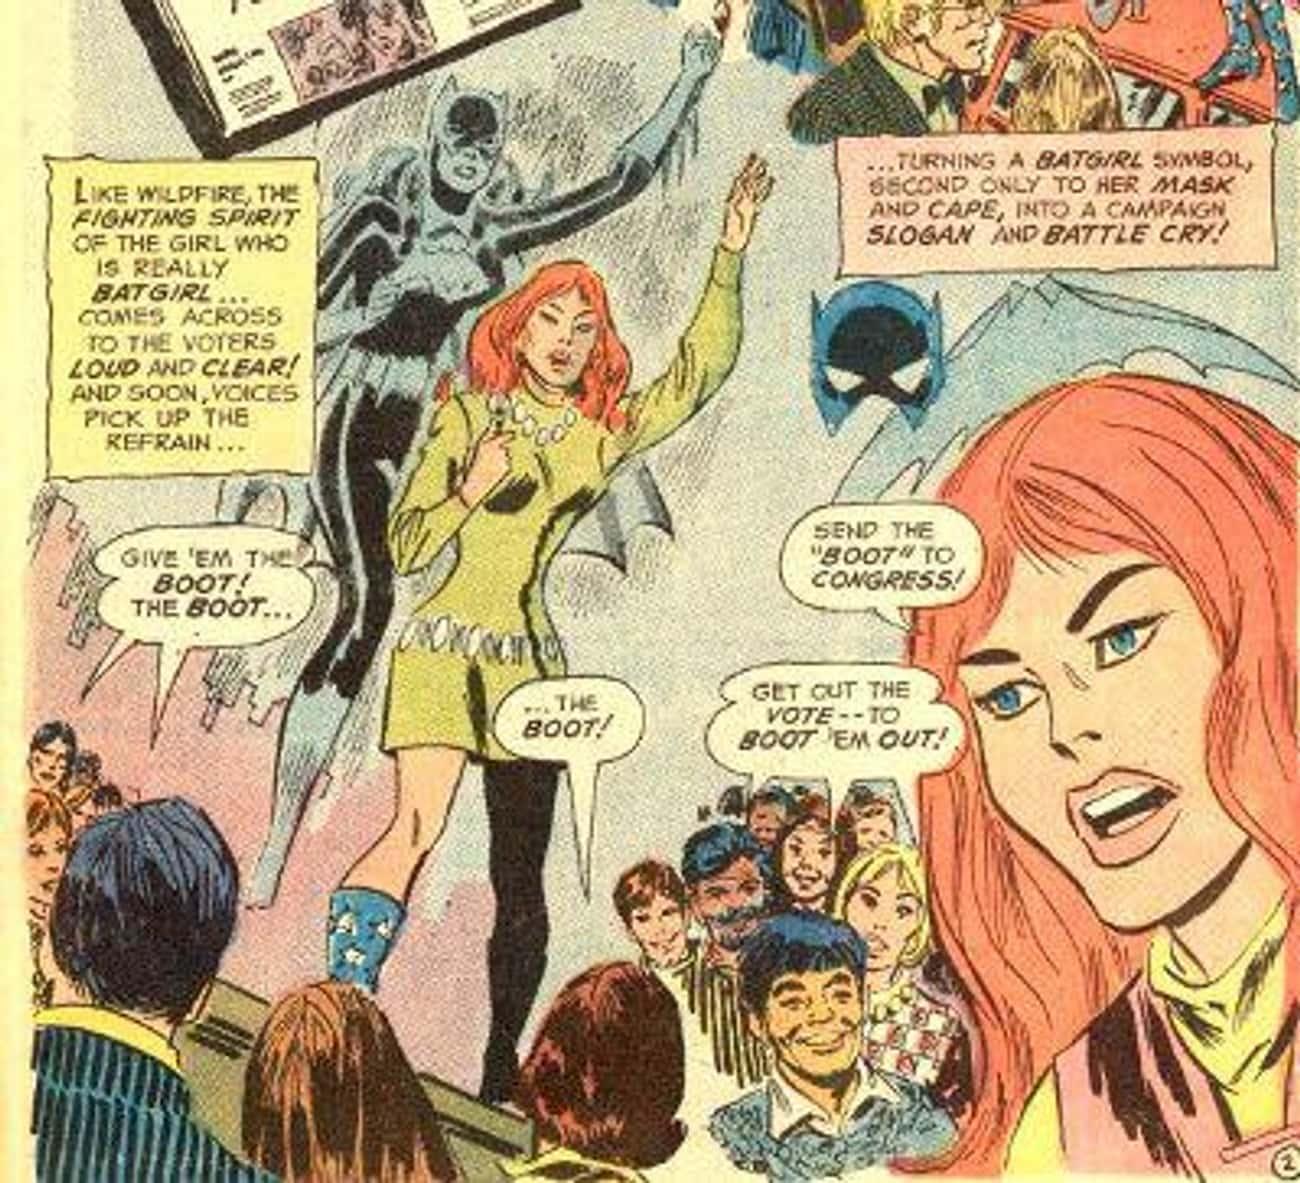 Batgirl: Member Of Congress